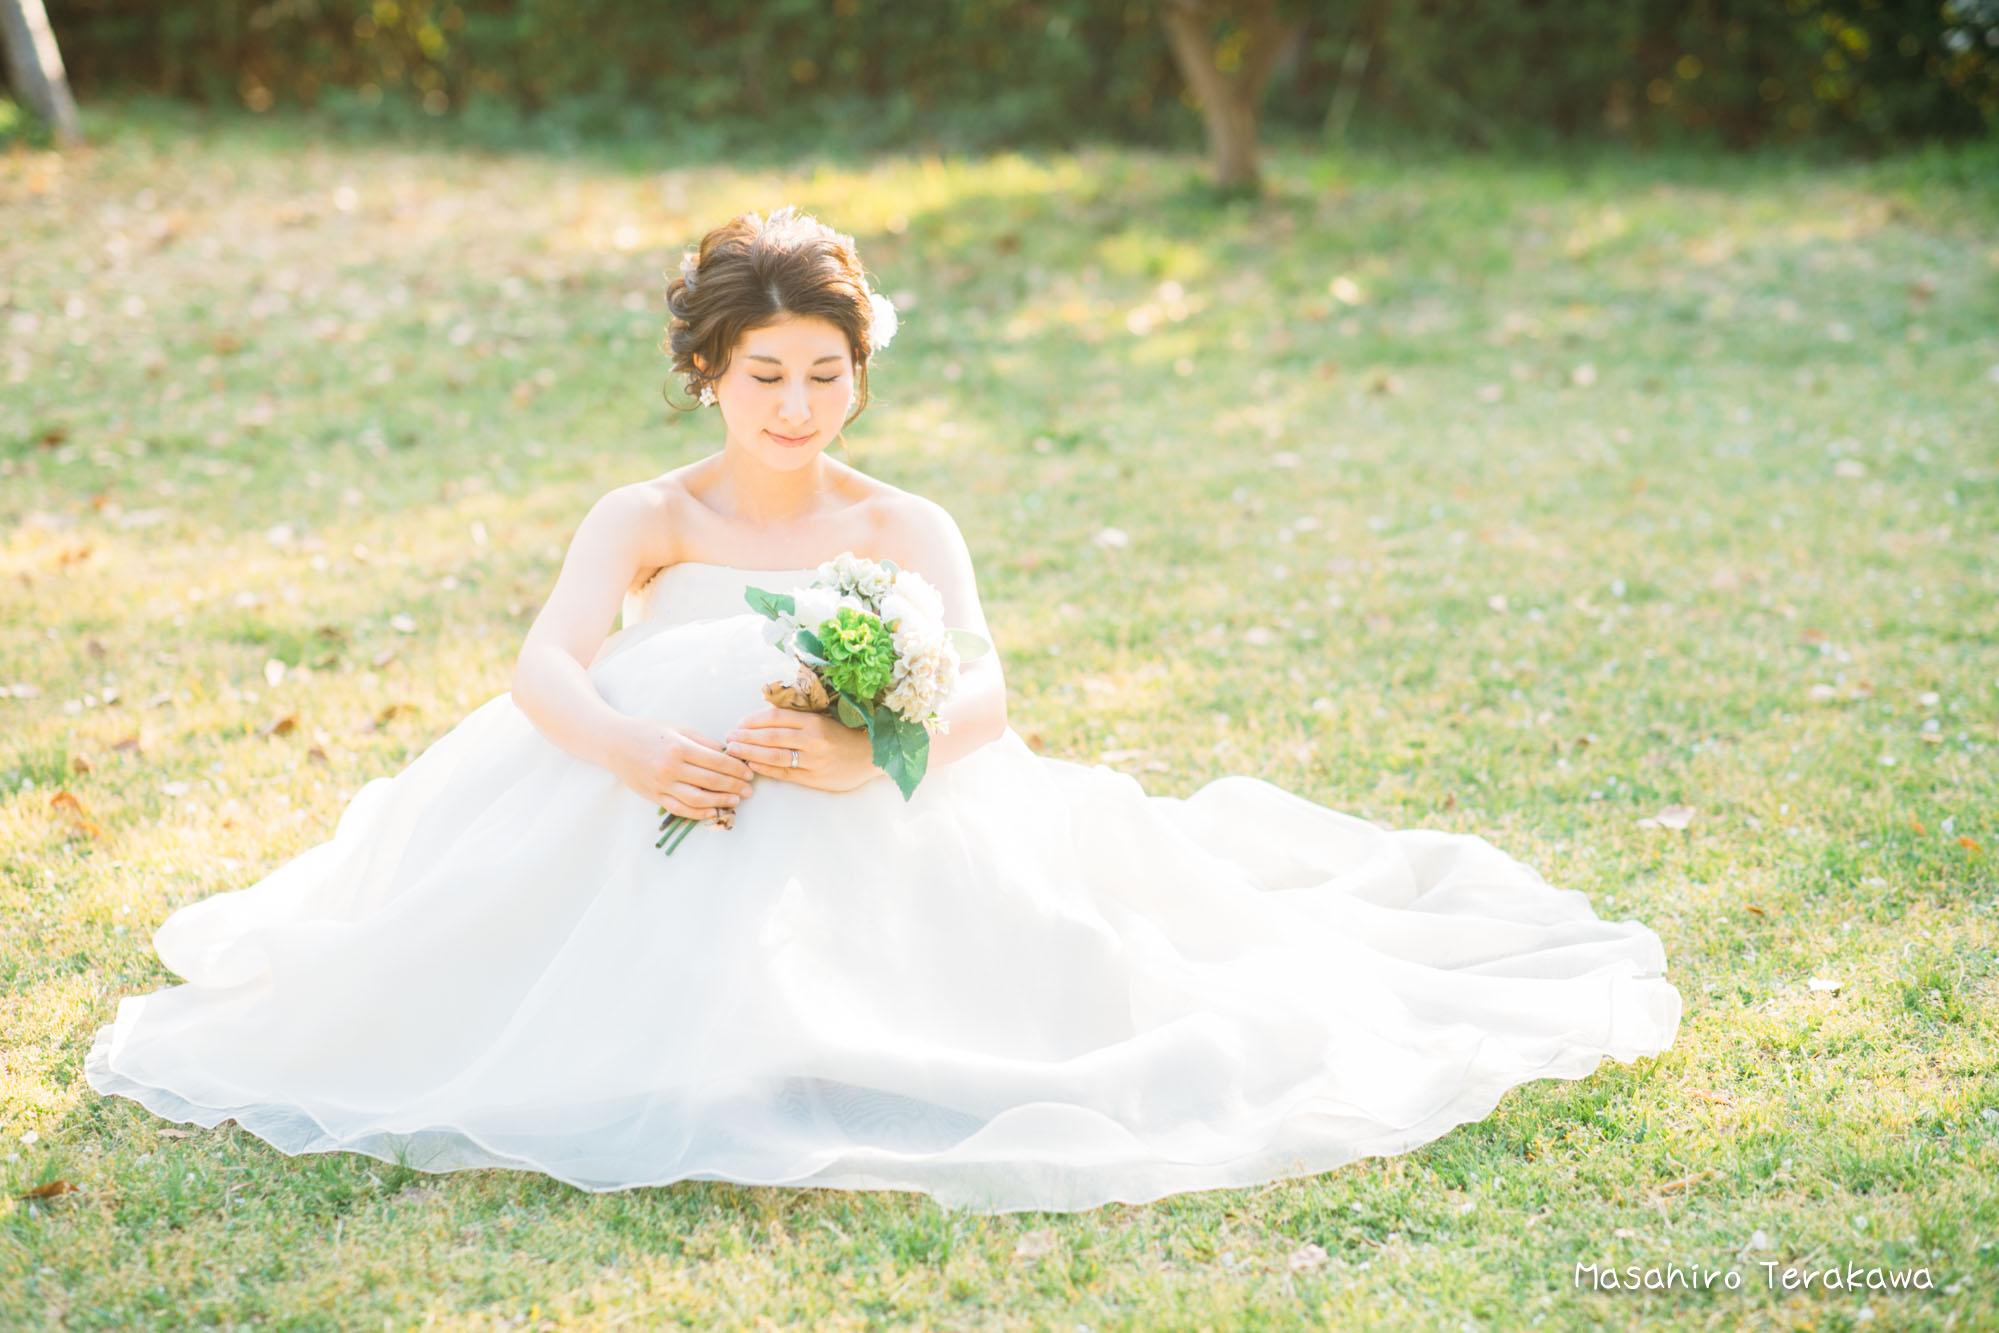 【大阪】鶴見緑地公園で結婚式の和装・洋装前撮り10